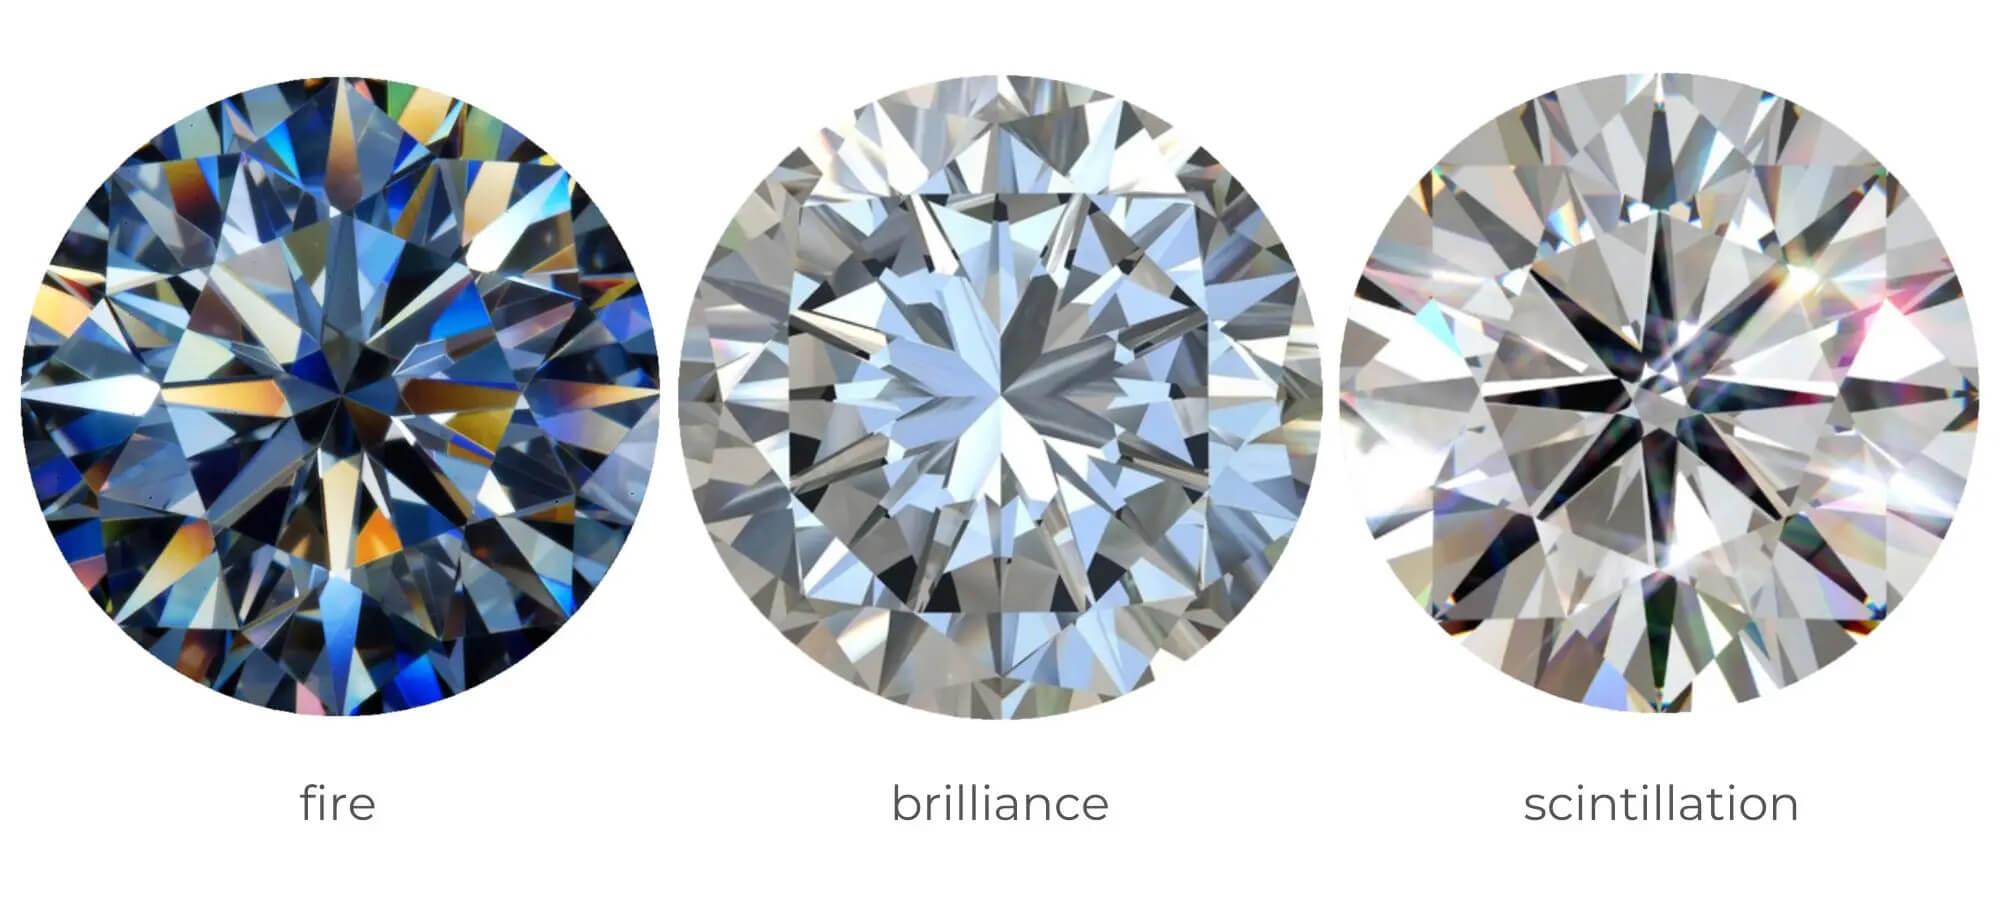 تفاوت چشمک زنی و آتش و درخشندگی در الماس